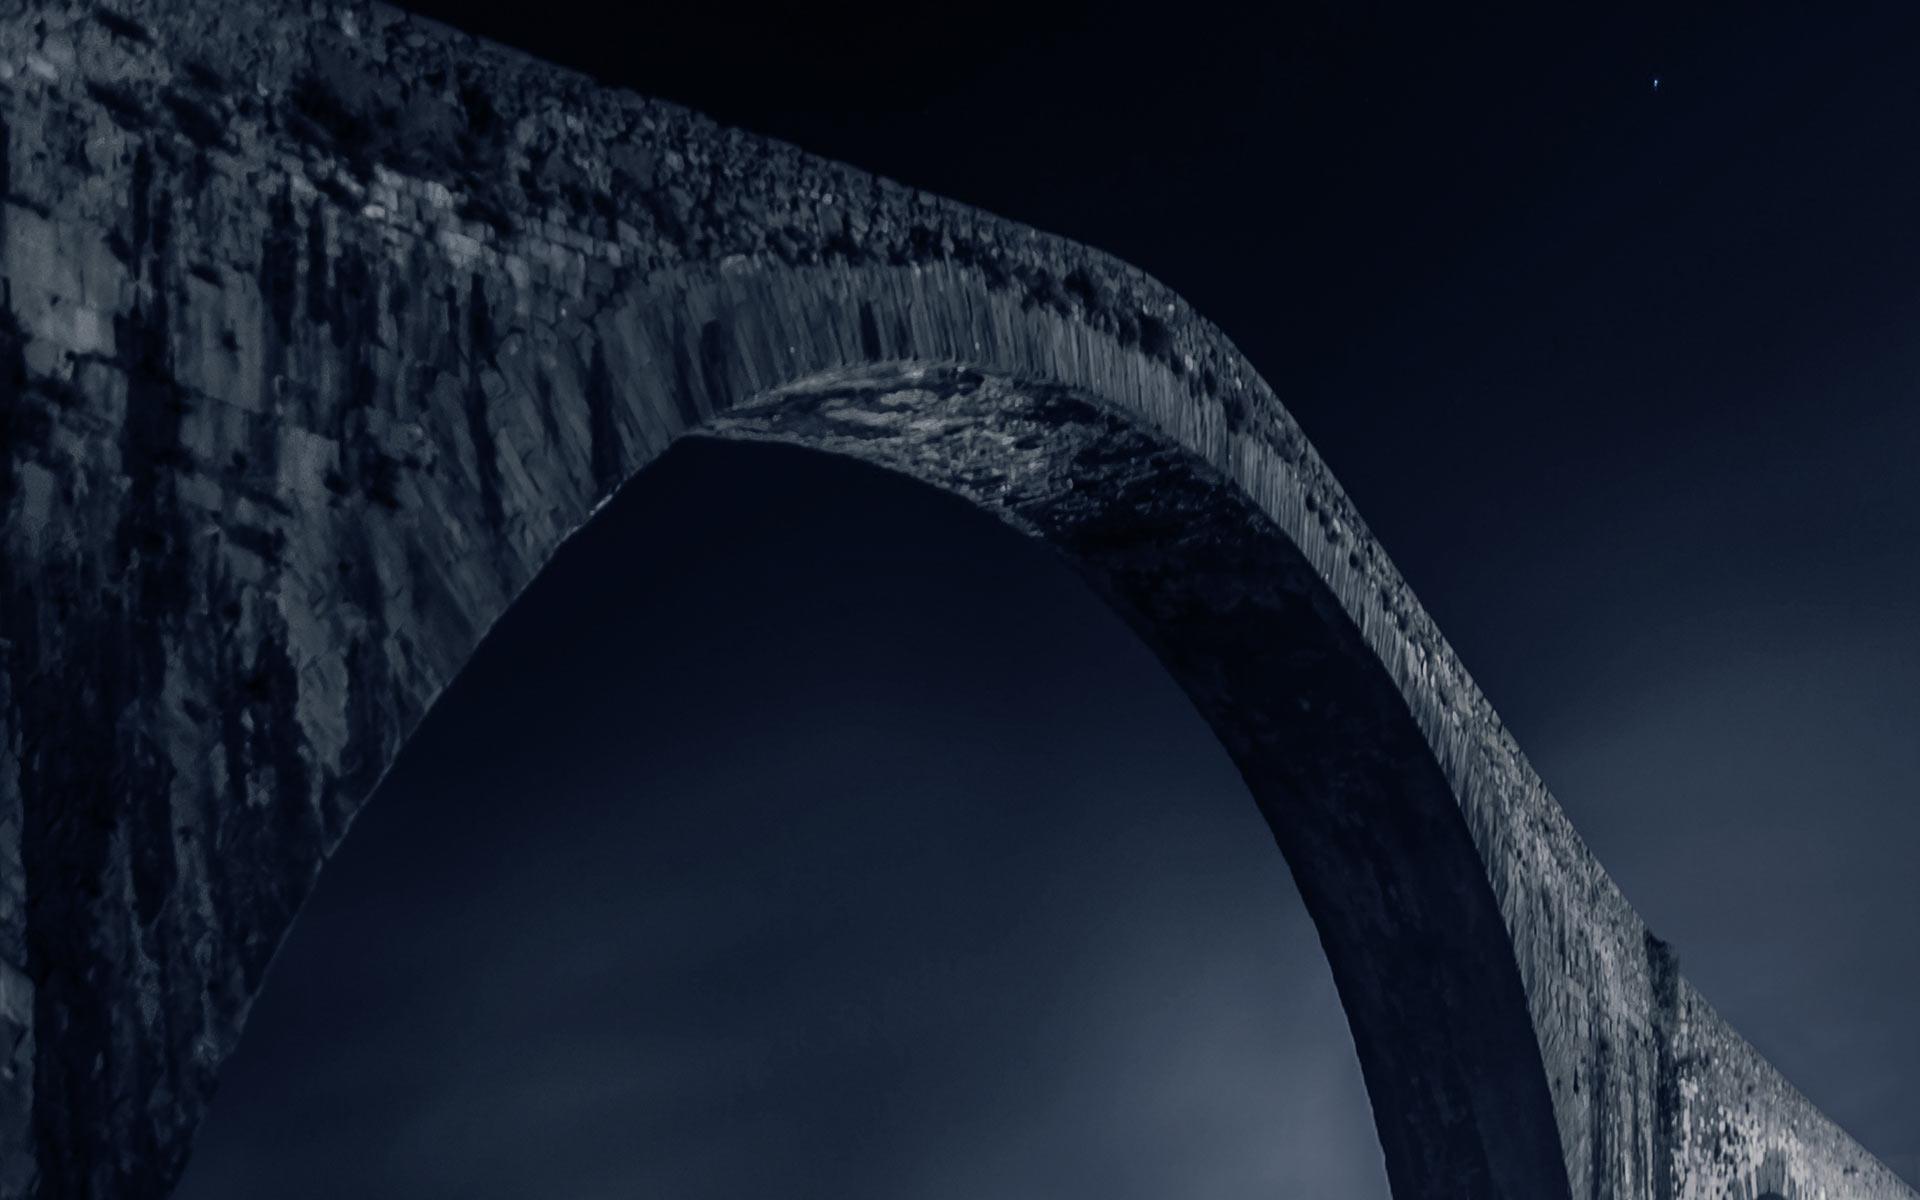 【シリーズ・都市伝説】女神の嫉妬「国玉の大橋」